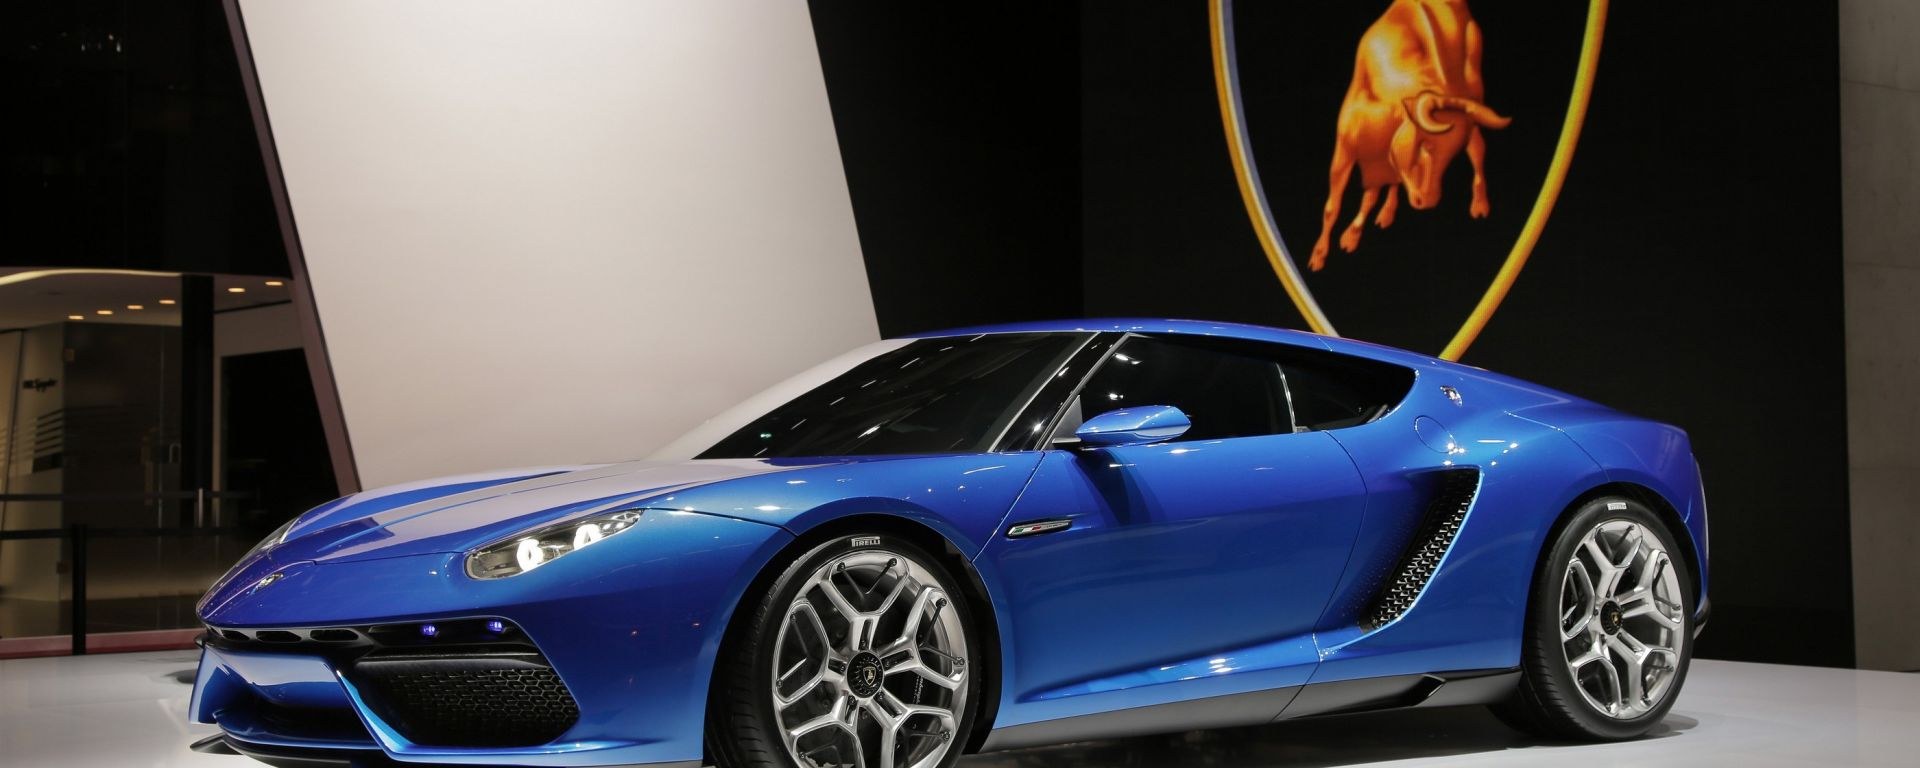 Lamborghini Asterion, nuove foto